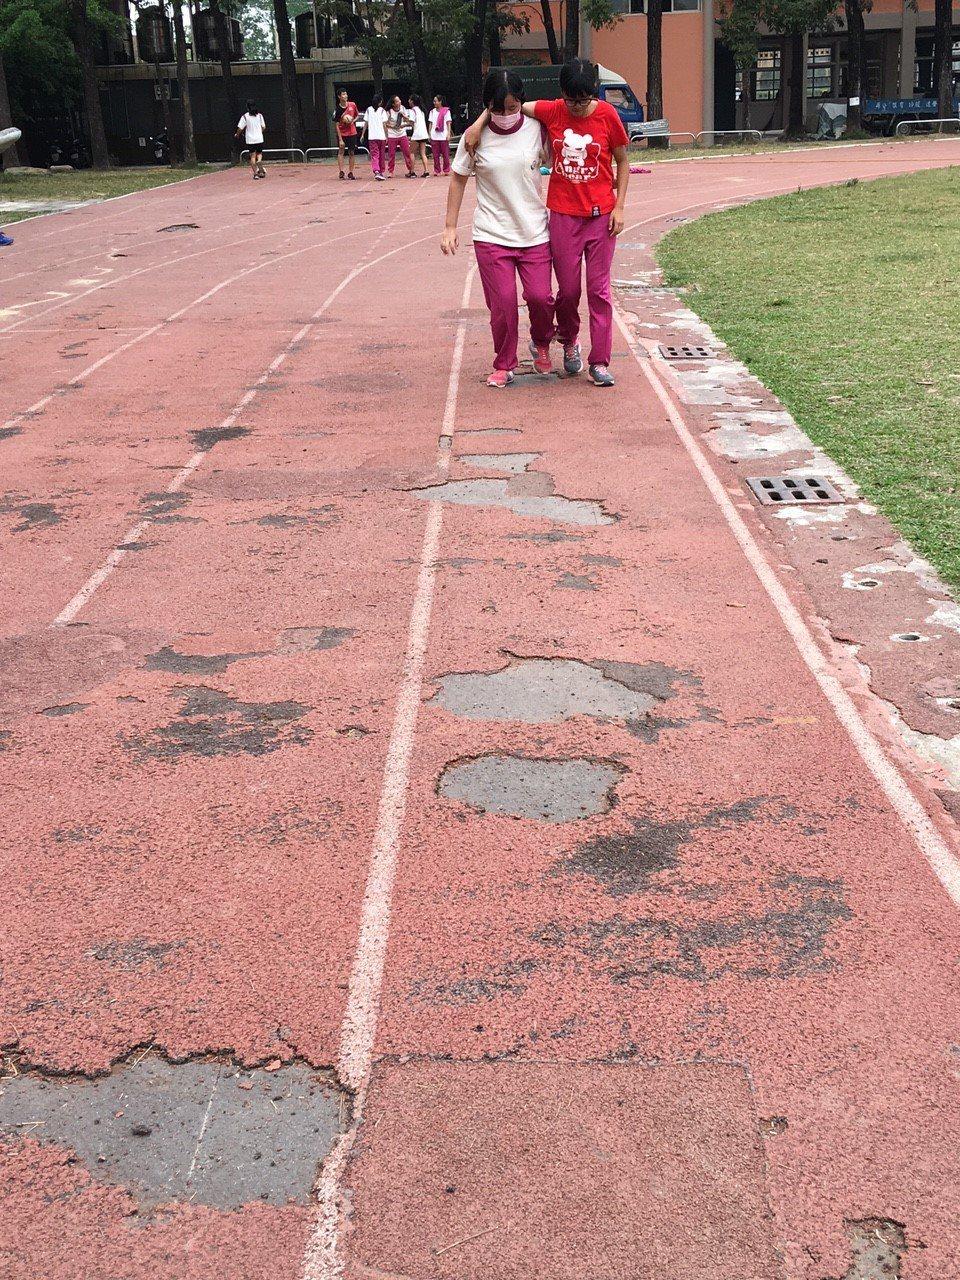 阿蓮國中跑道基層不平,PU面層剝離情形嚴重。圖/阿蓮國中提供